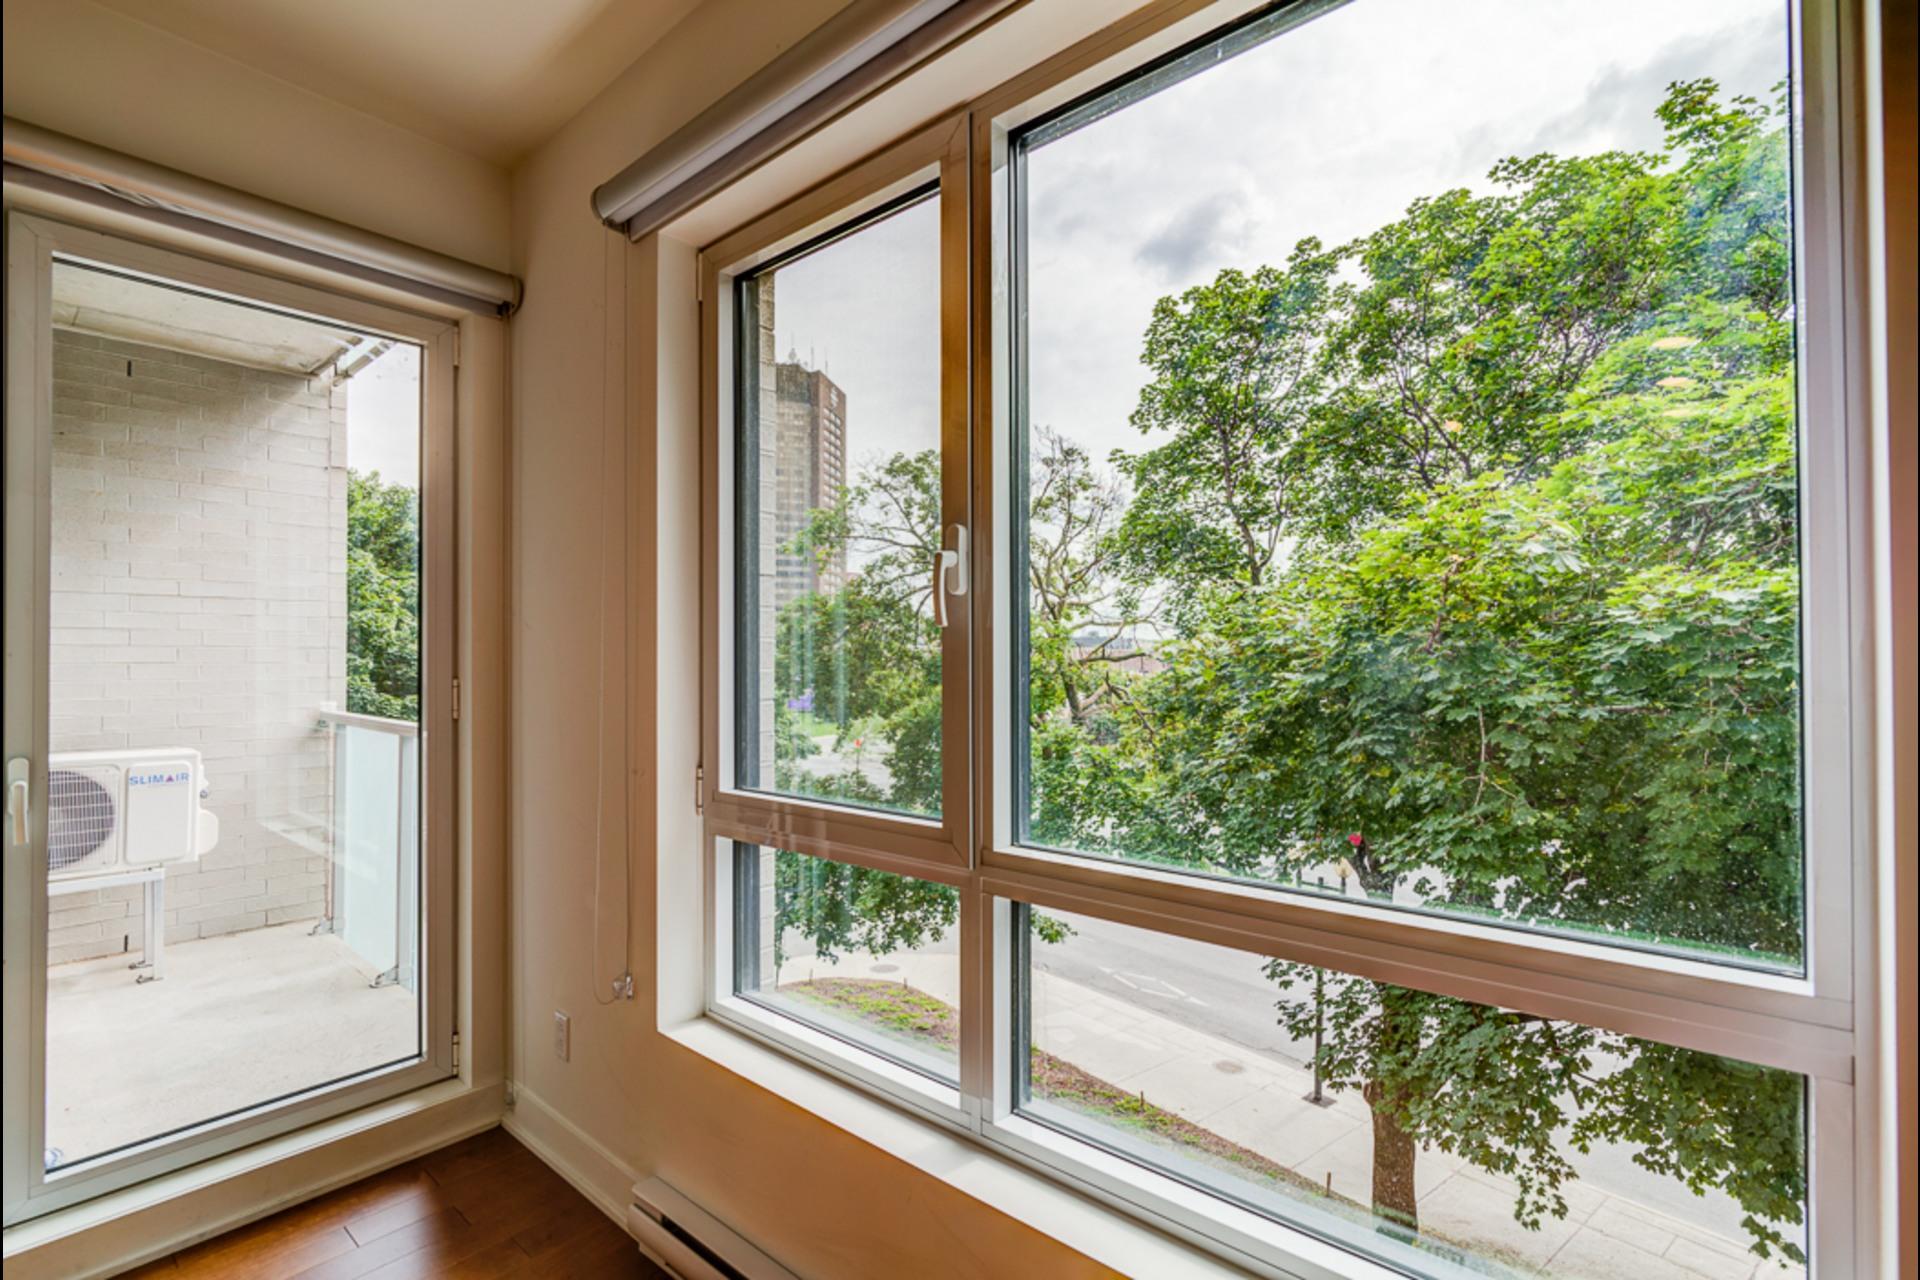 image 8 - Condo For rent Montréal